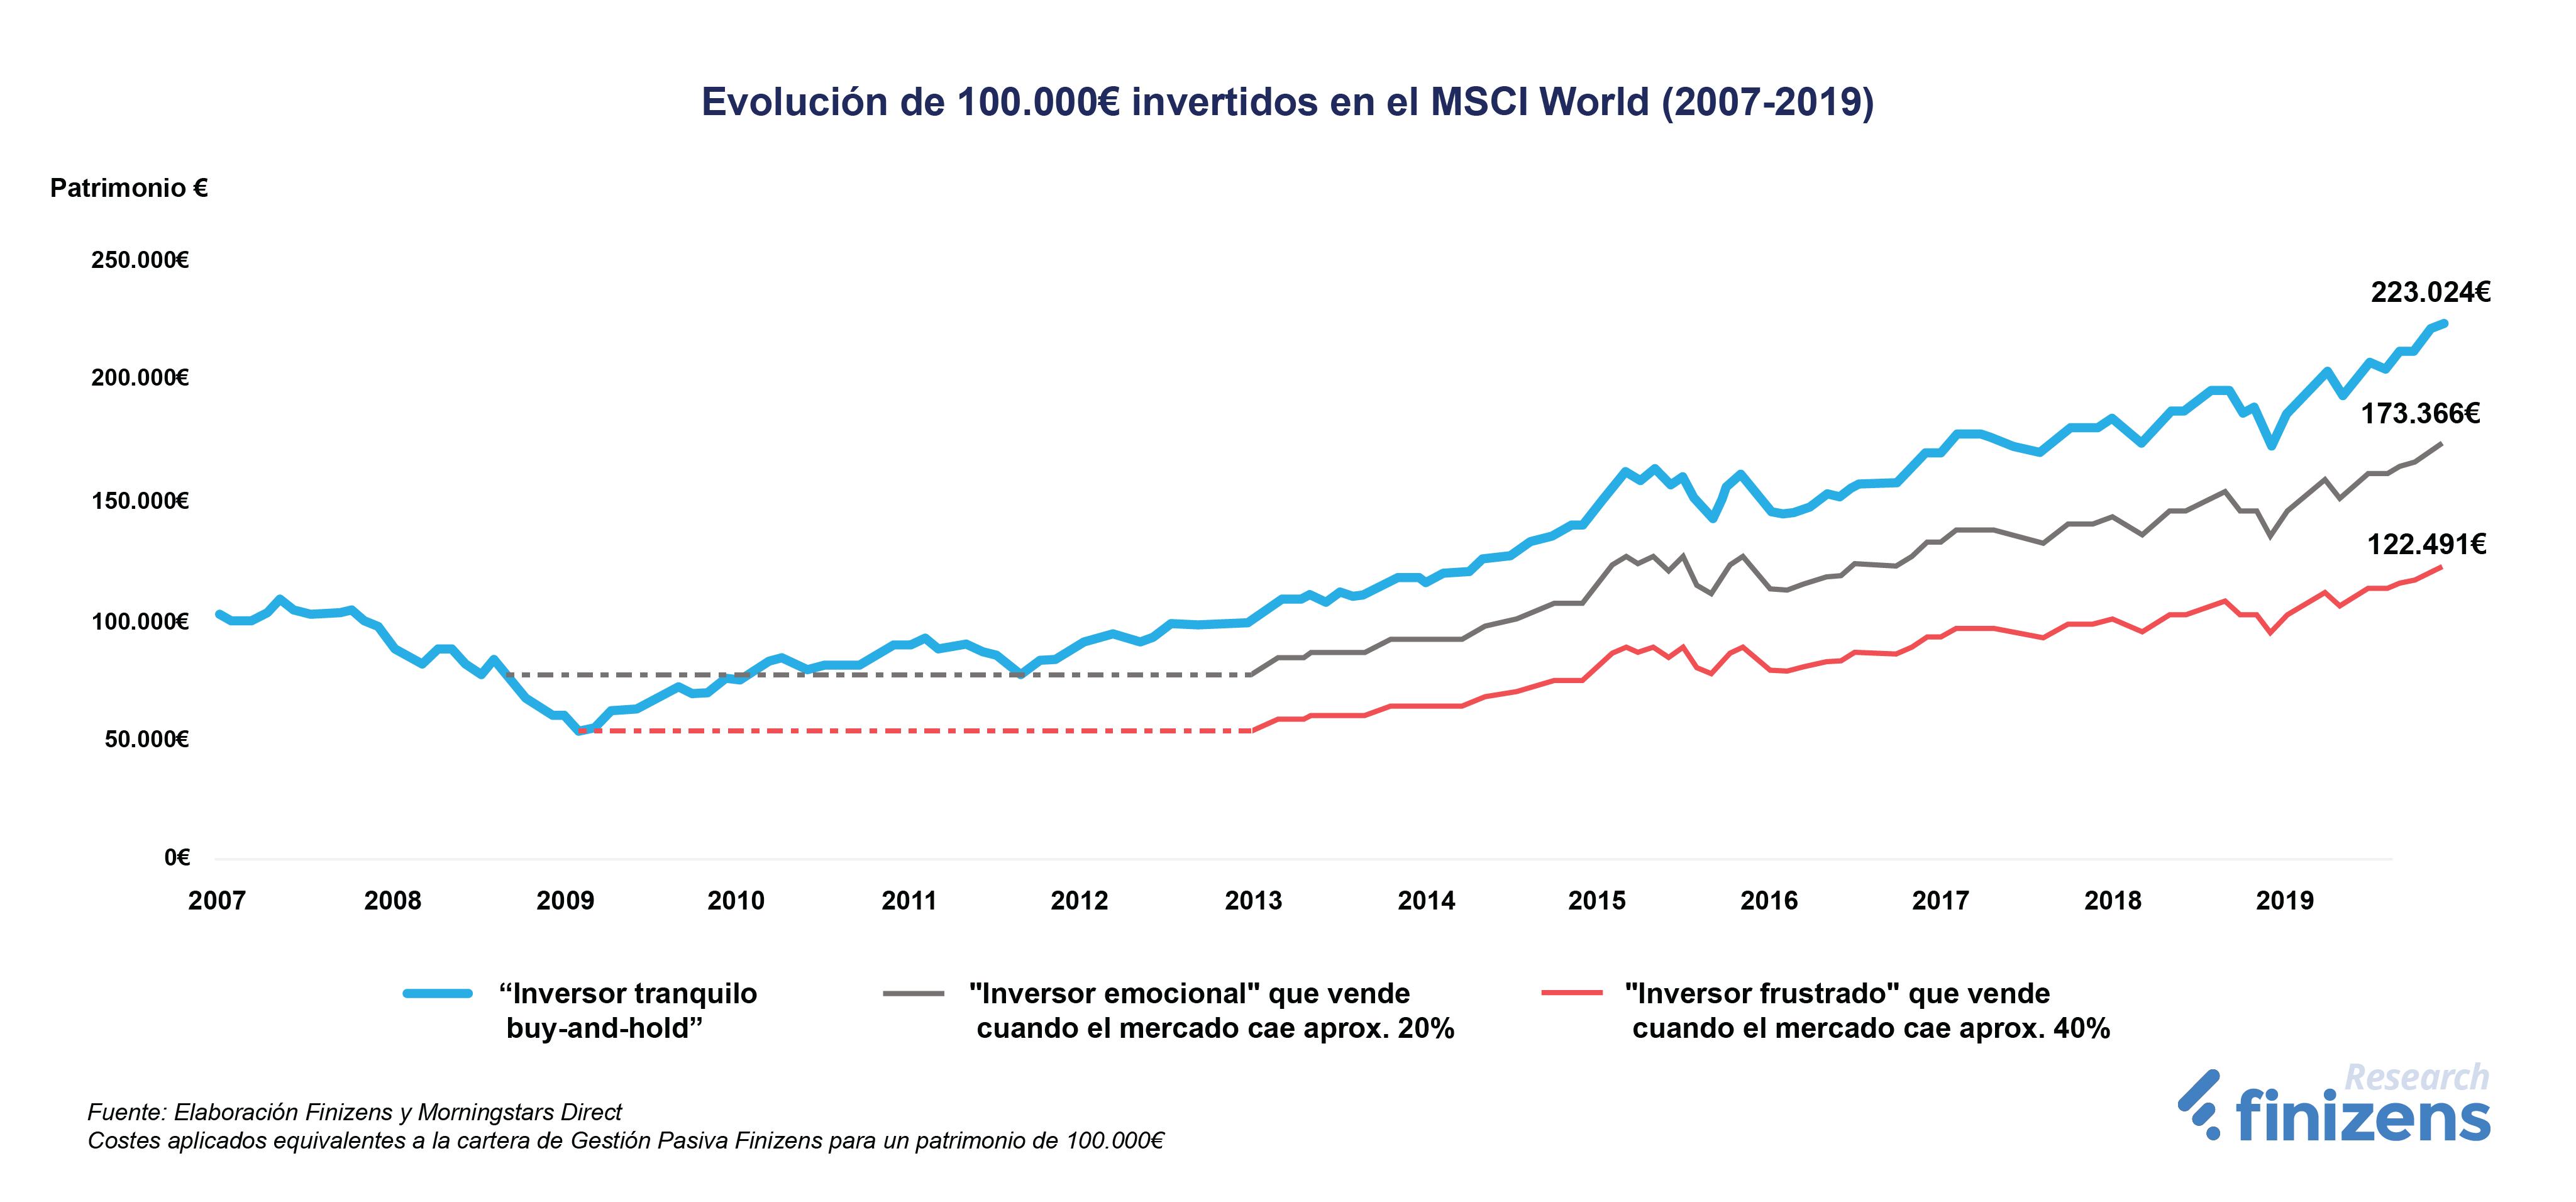 Evolución de 100.000€ invertidos en el MSCI World (2007-2019)